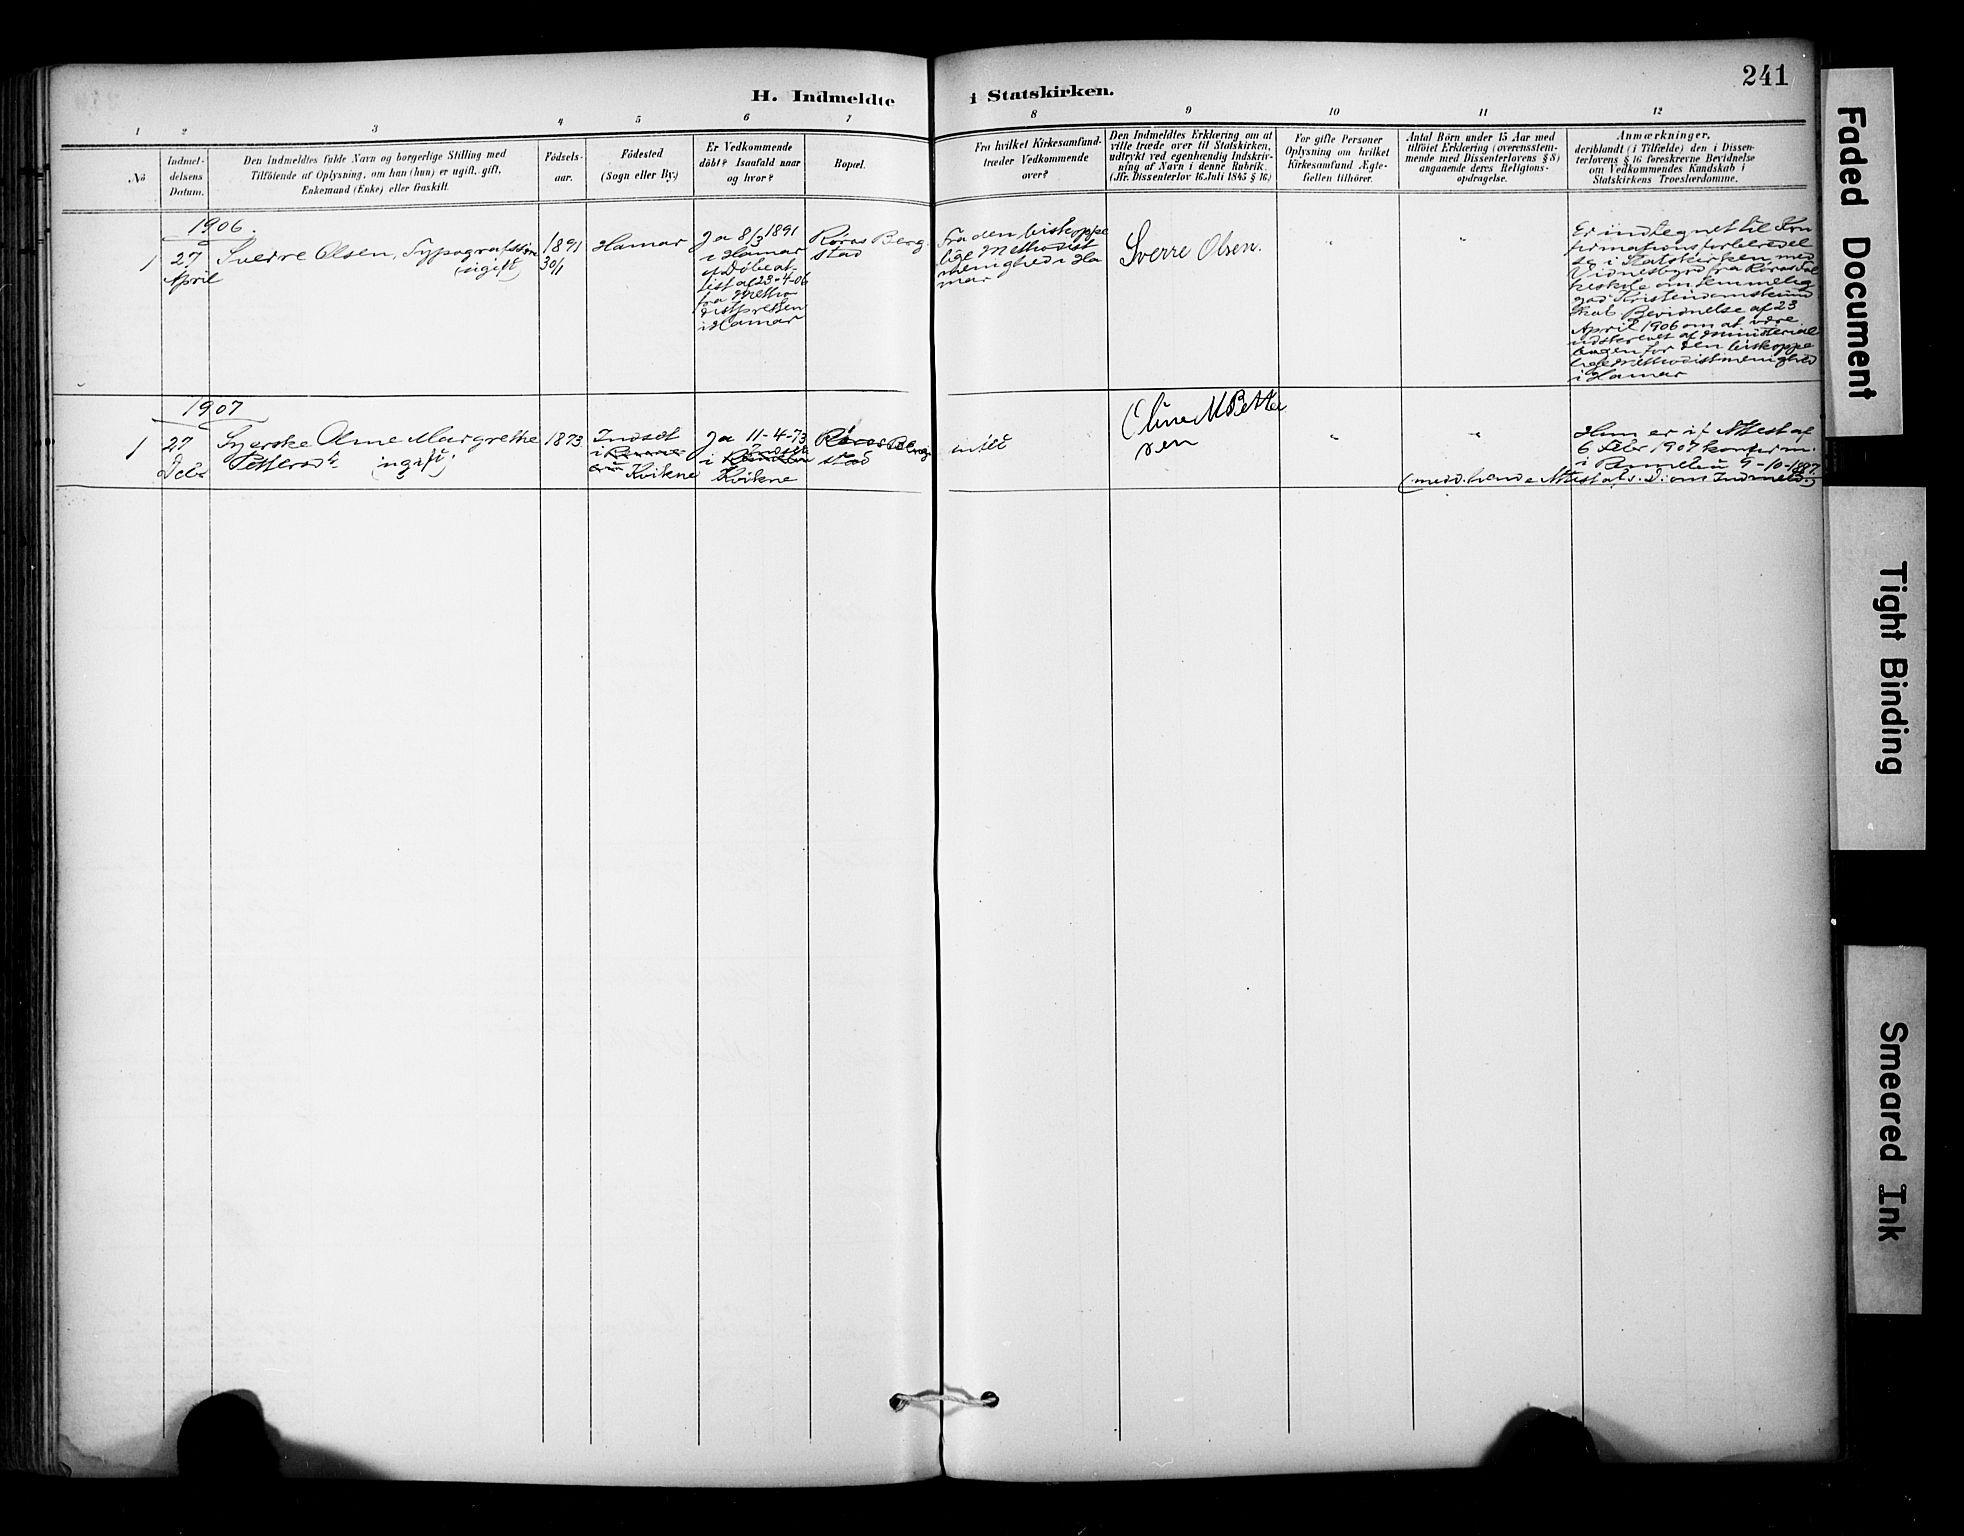 SAT, Ministerialprotokoller, klokkerbøker og fødselsregistre - Sør-Trøndelag, 681/L0936: Ministerialbok nr. 681A14, 1899-1908, s. 241